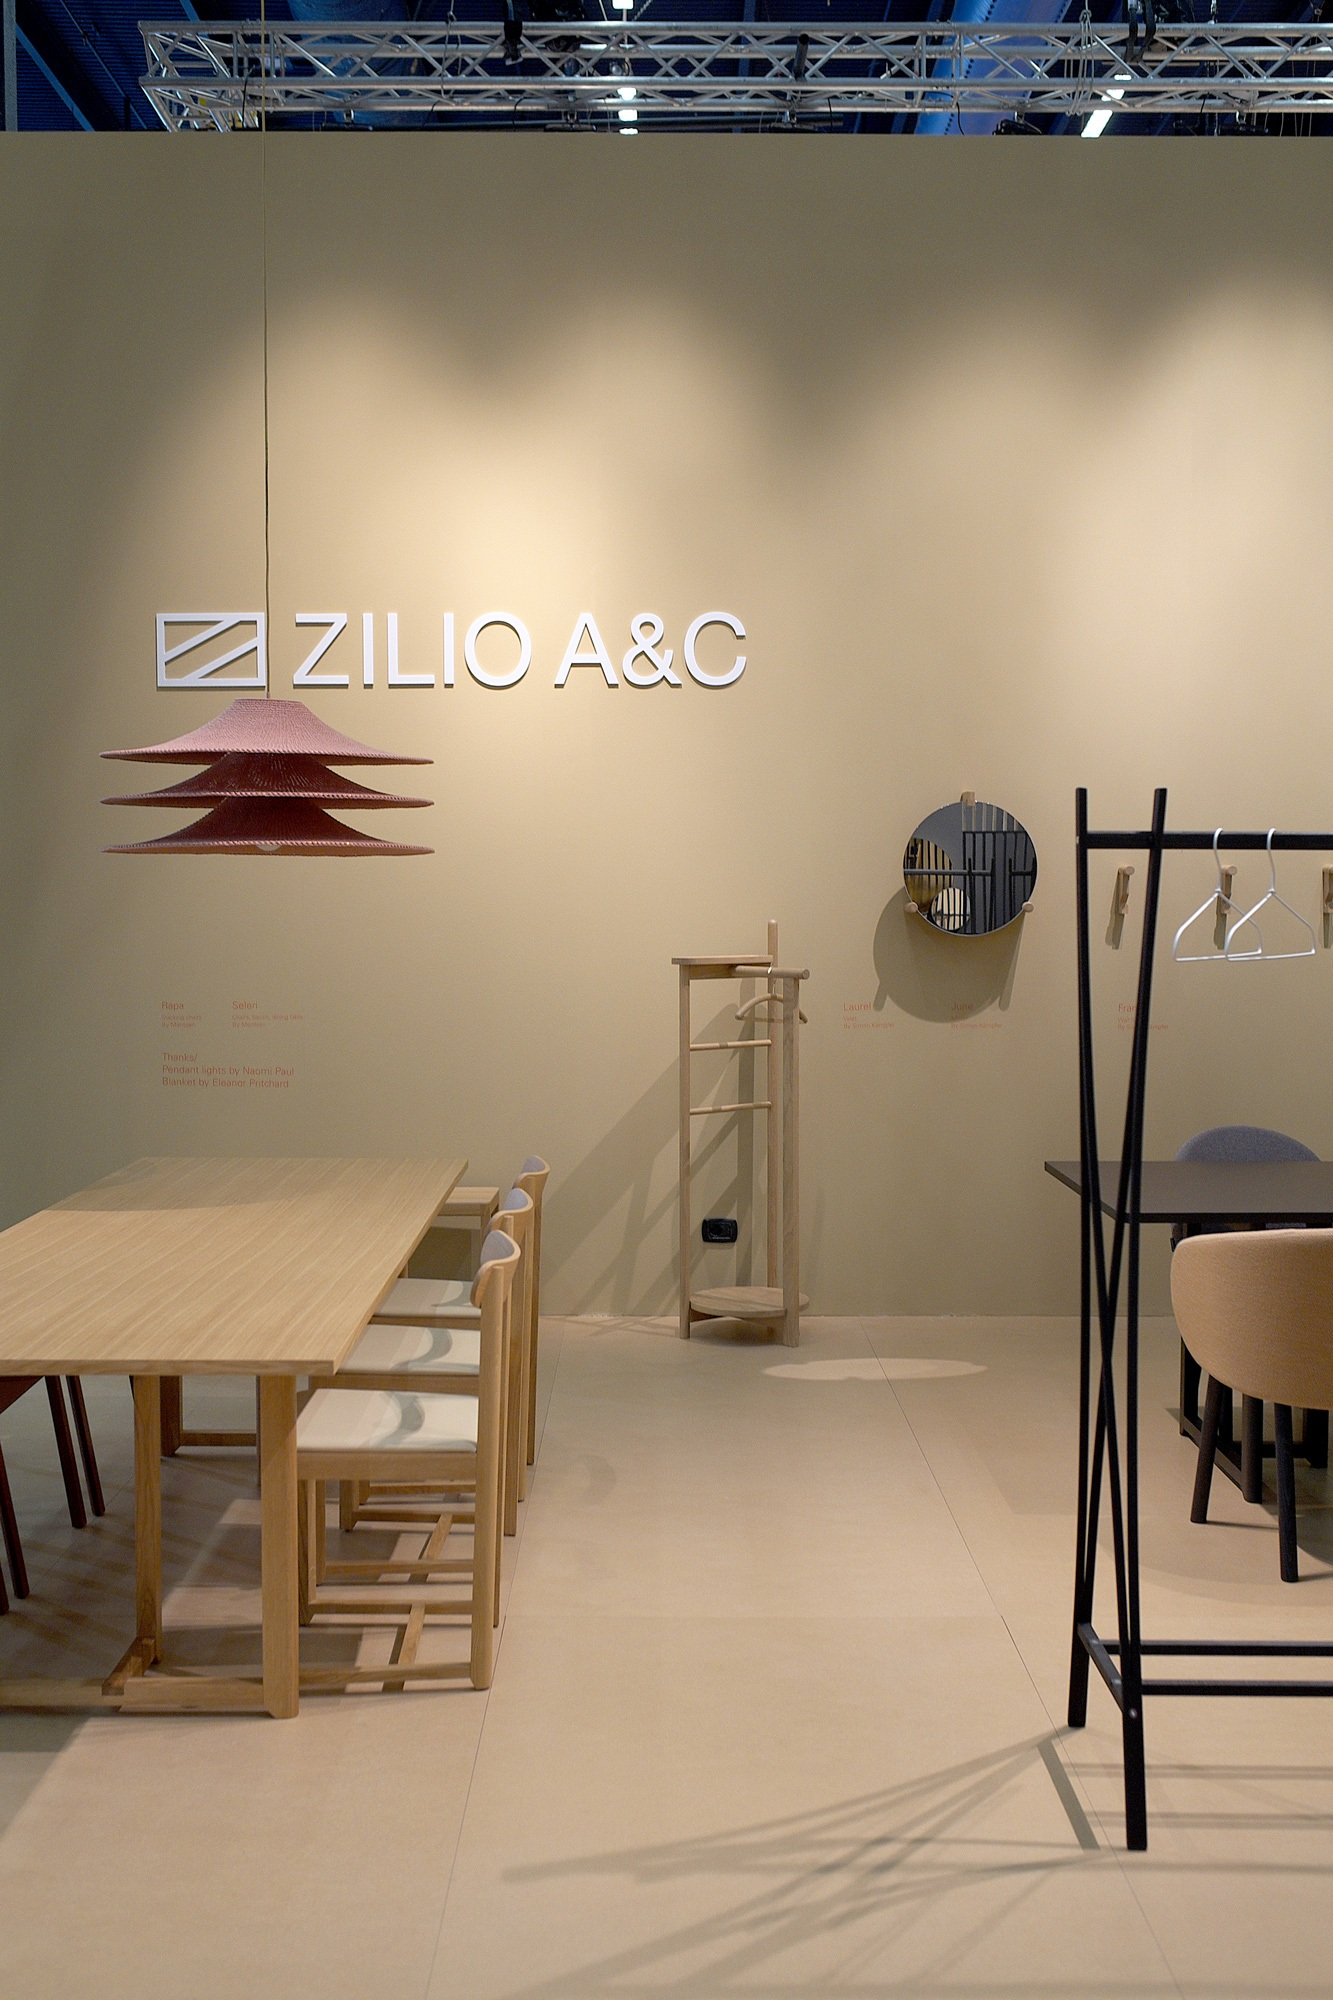 Zilio A&C @ SFF2019